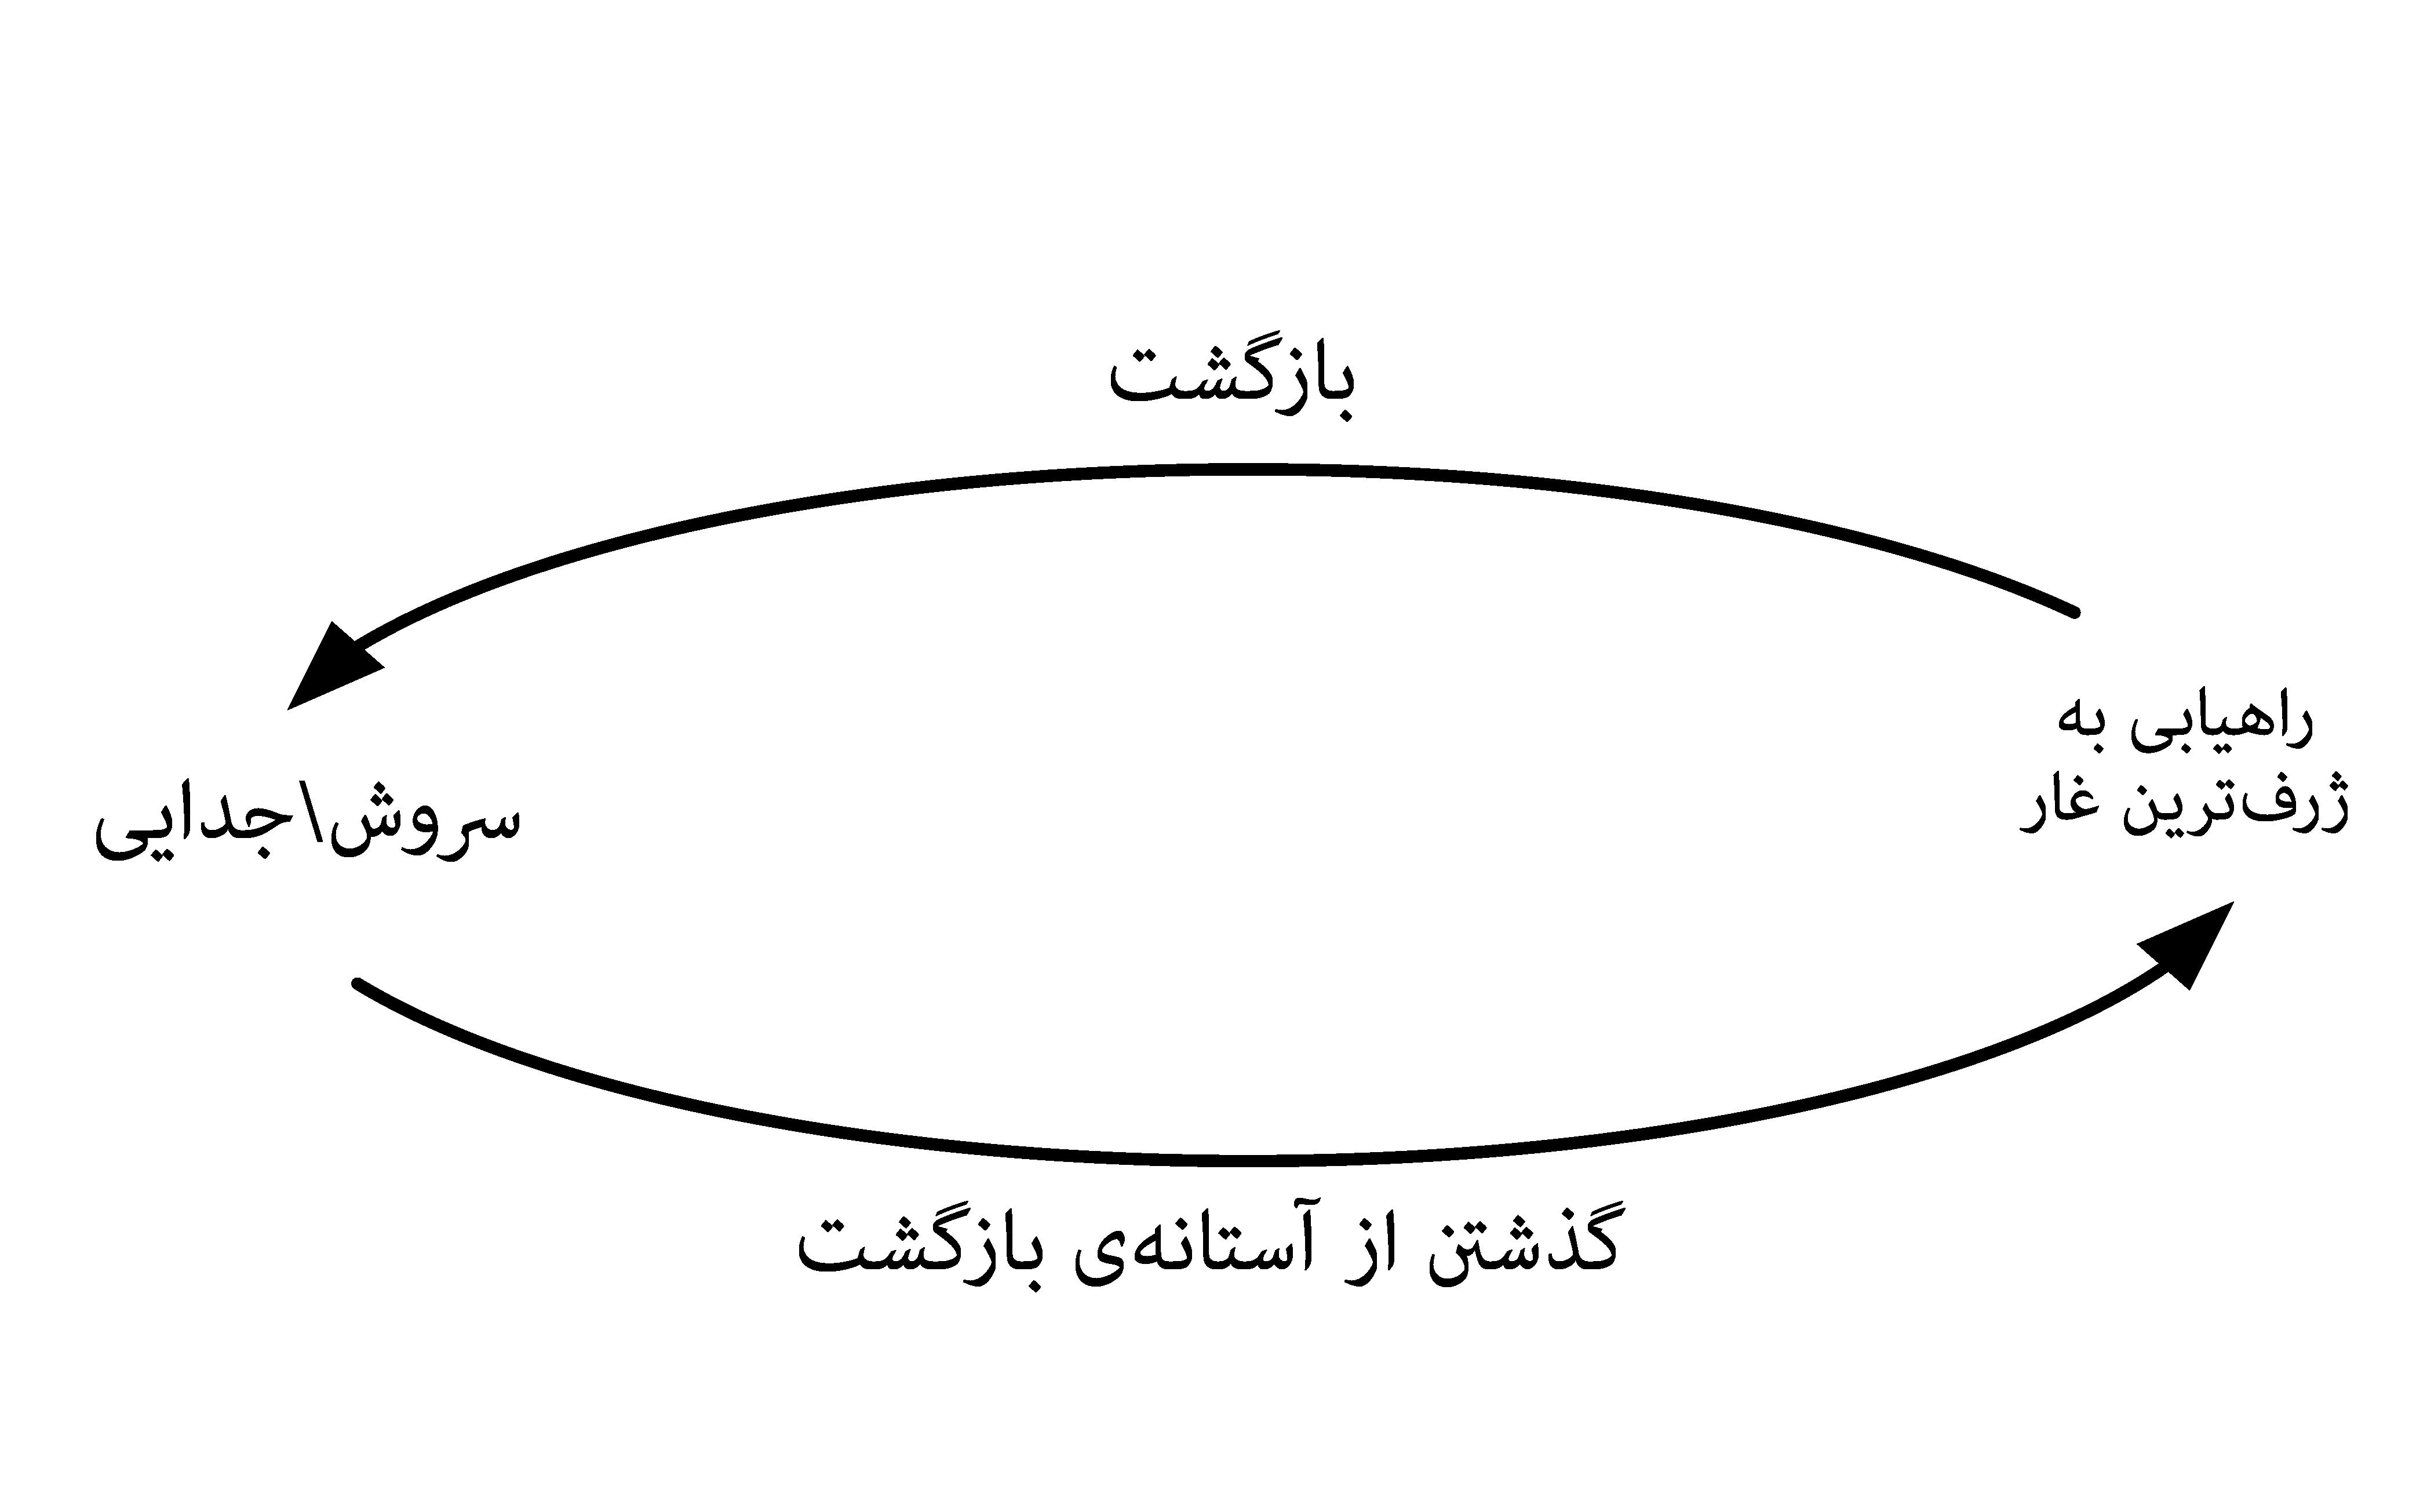 chart-2-02